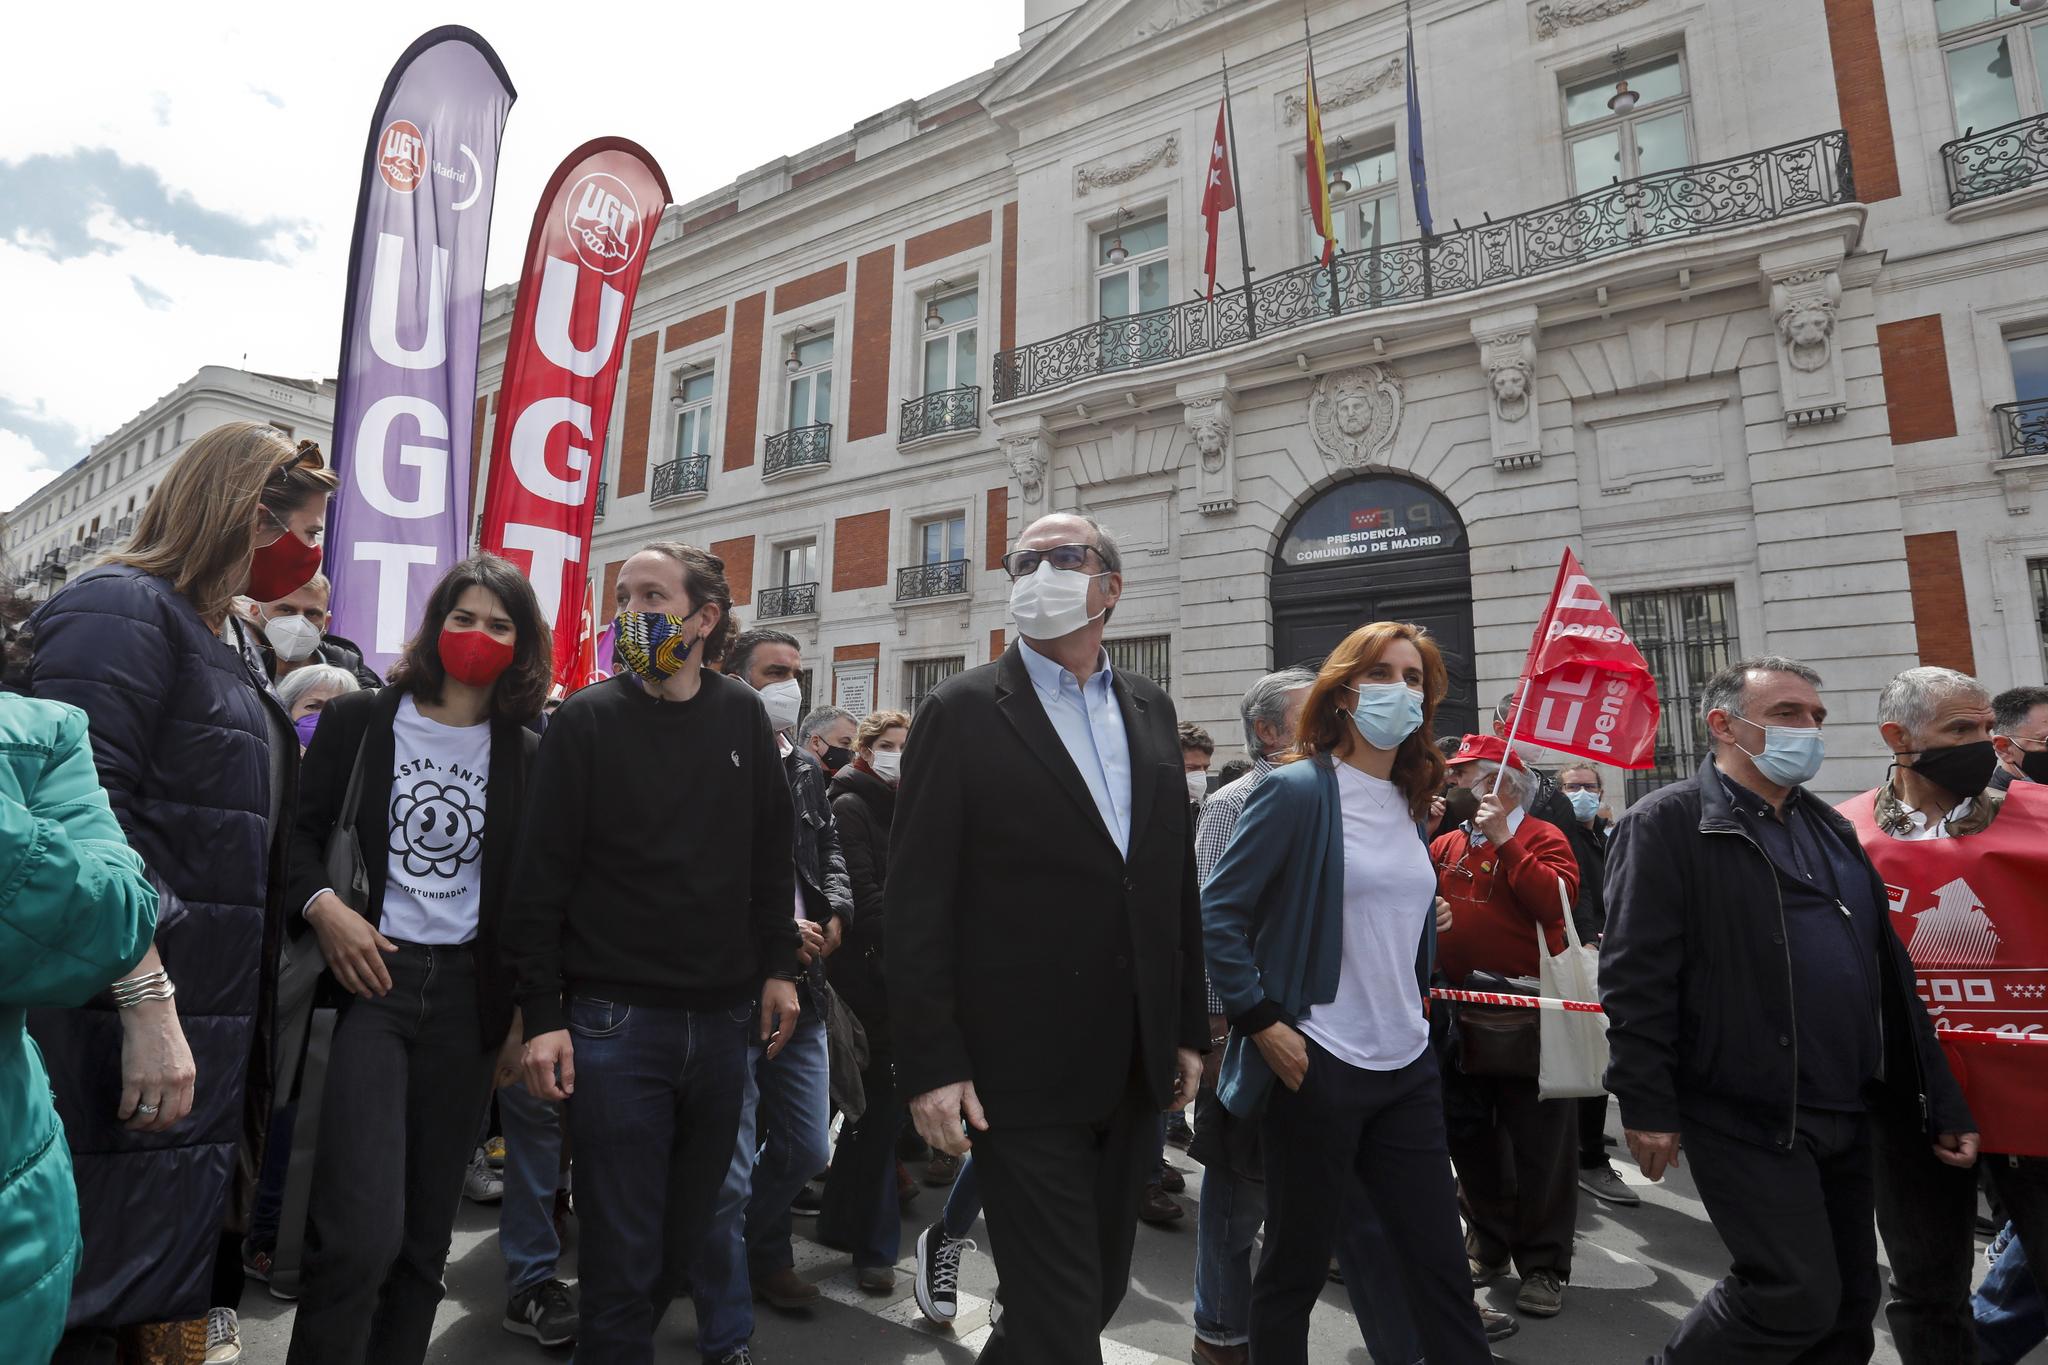 Ángel Gabilondo (PSOE), Pablo Iglesias (Podemos) y Mónica García (Más Madrid), ante la Puerta del Sol.